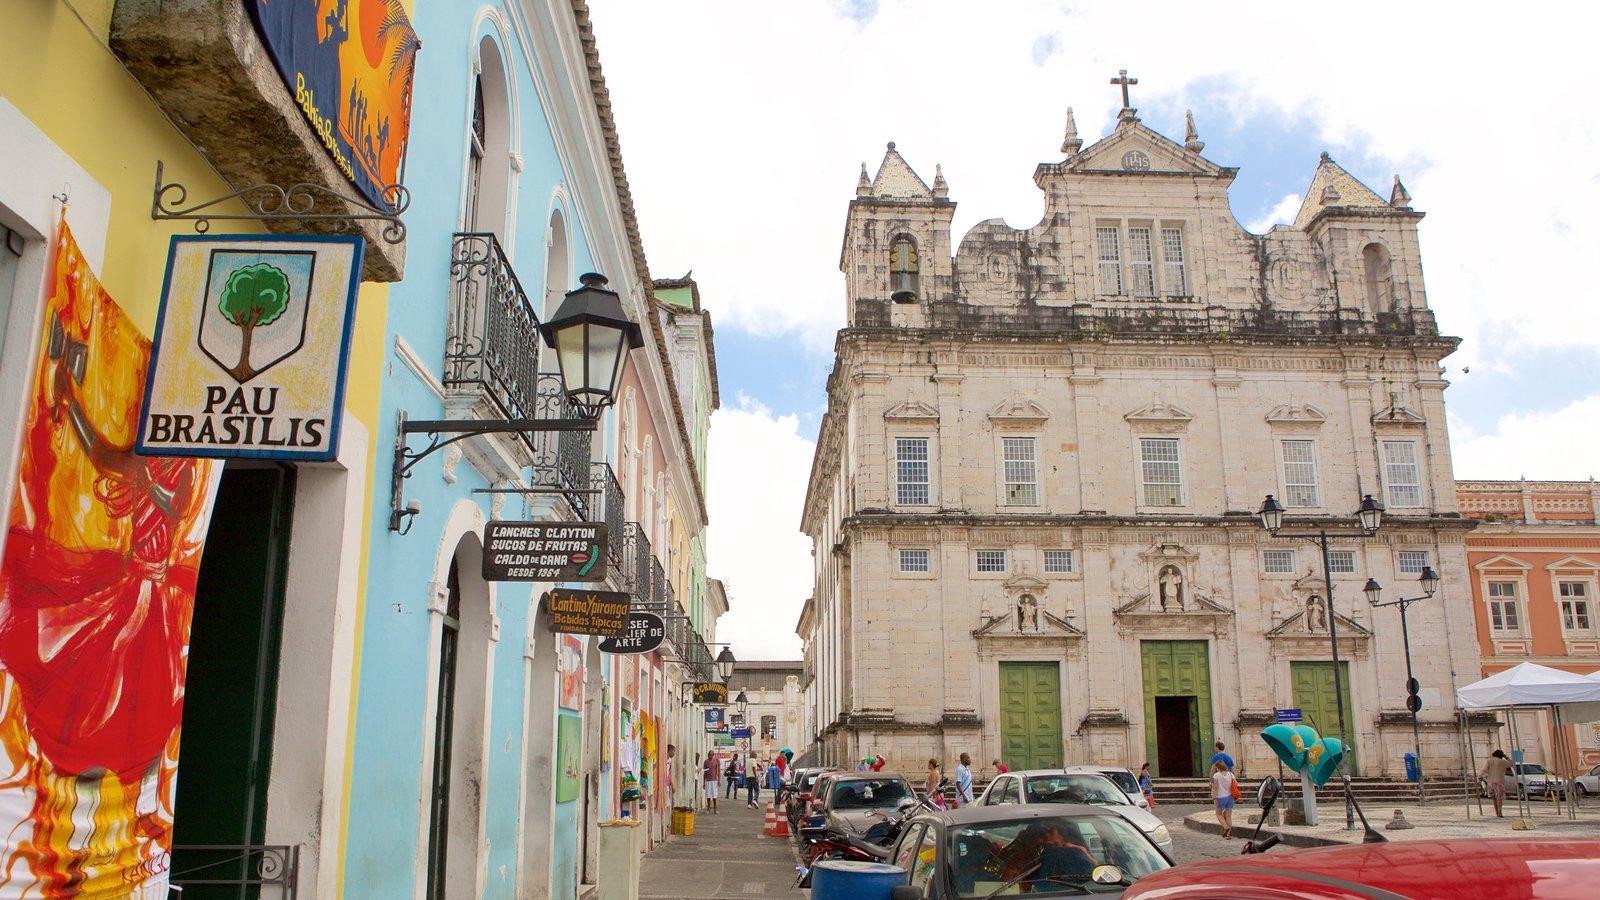 Catedral de Salvador mostrando elementos religiosos, cenas de rua e elementos de patrimônio